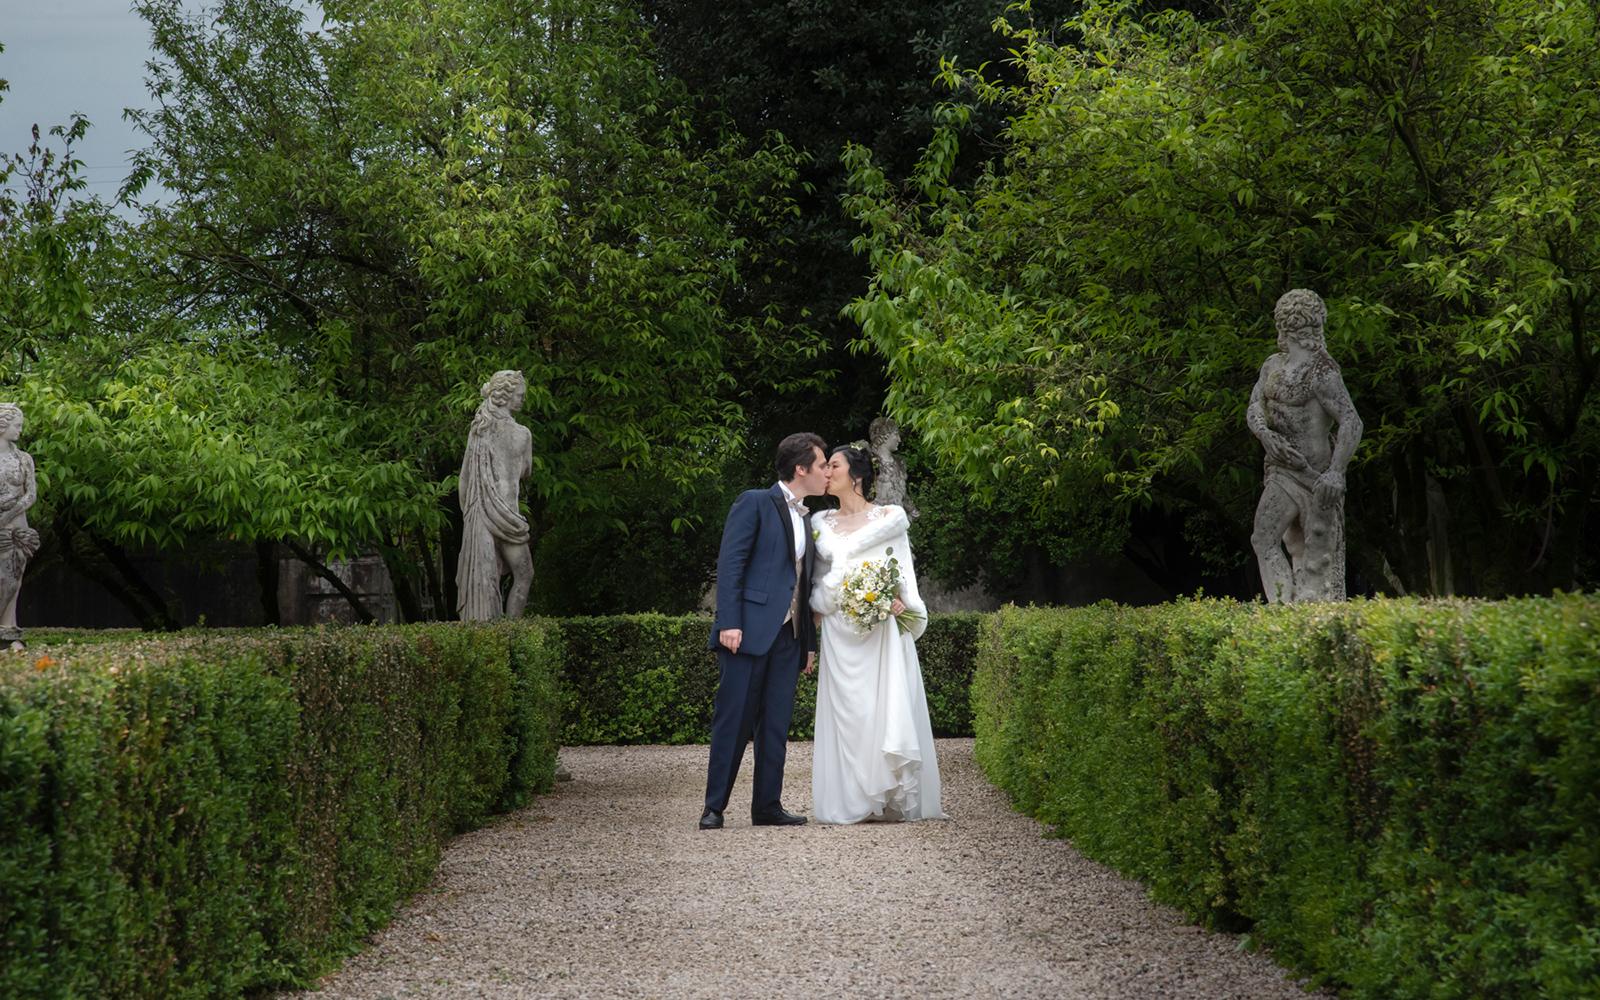 location shooting Vicenza, Vicenza matrimonio ricevimento , villa per eventi, villa per eventi Vicenza, villa per eventi Padova, ricevimento matrimonio Vicenza